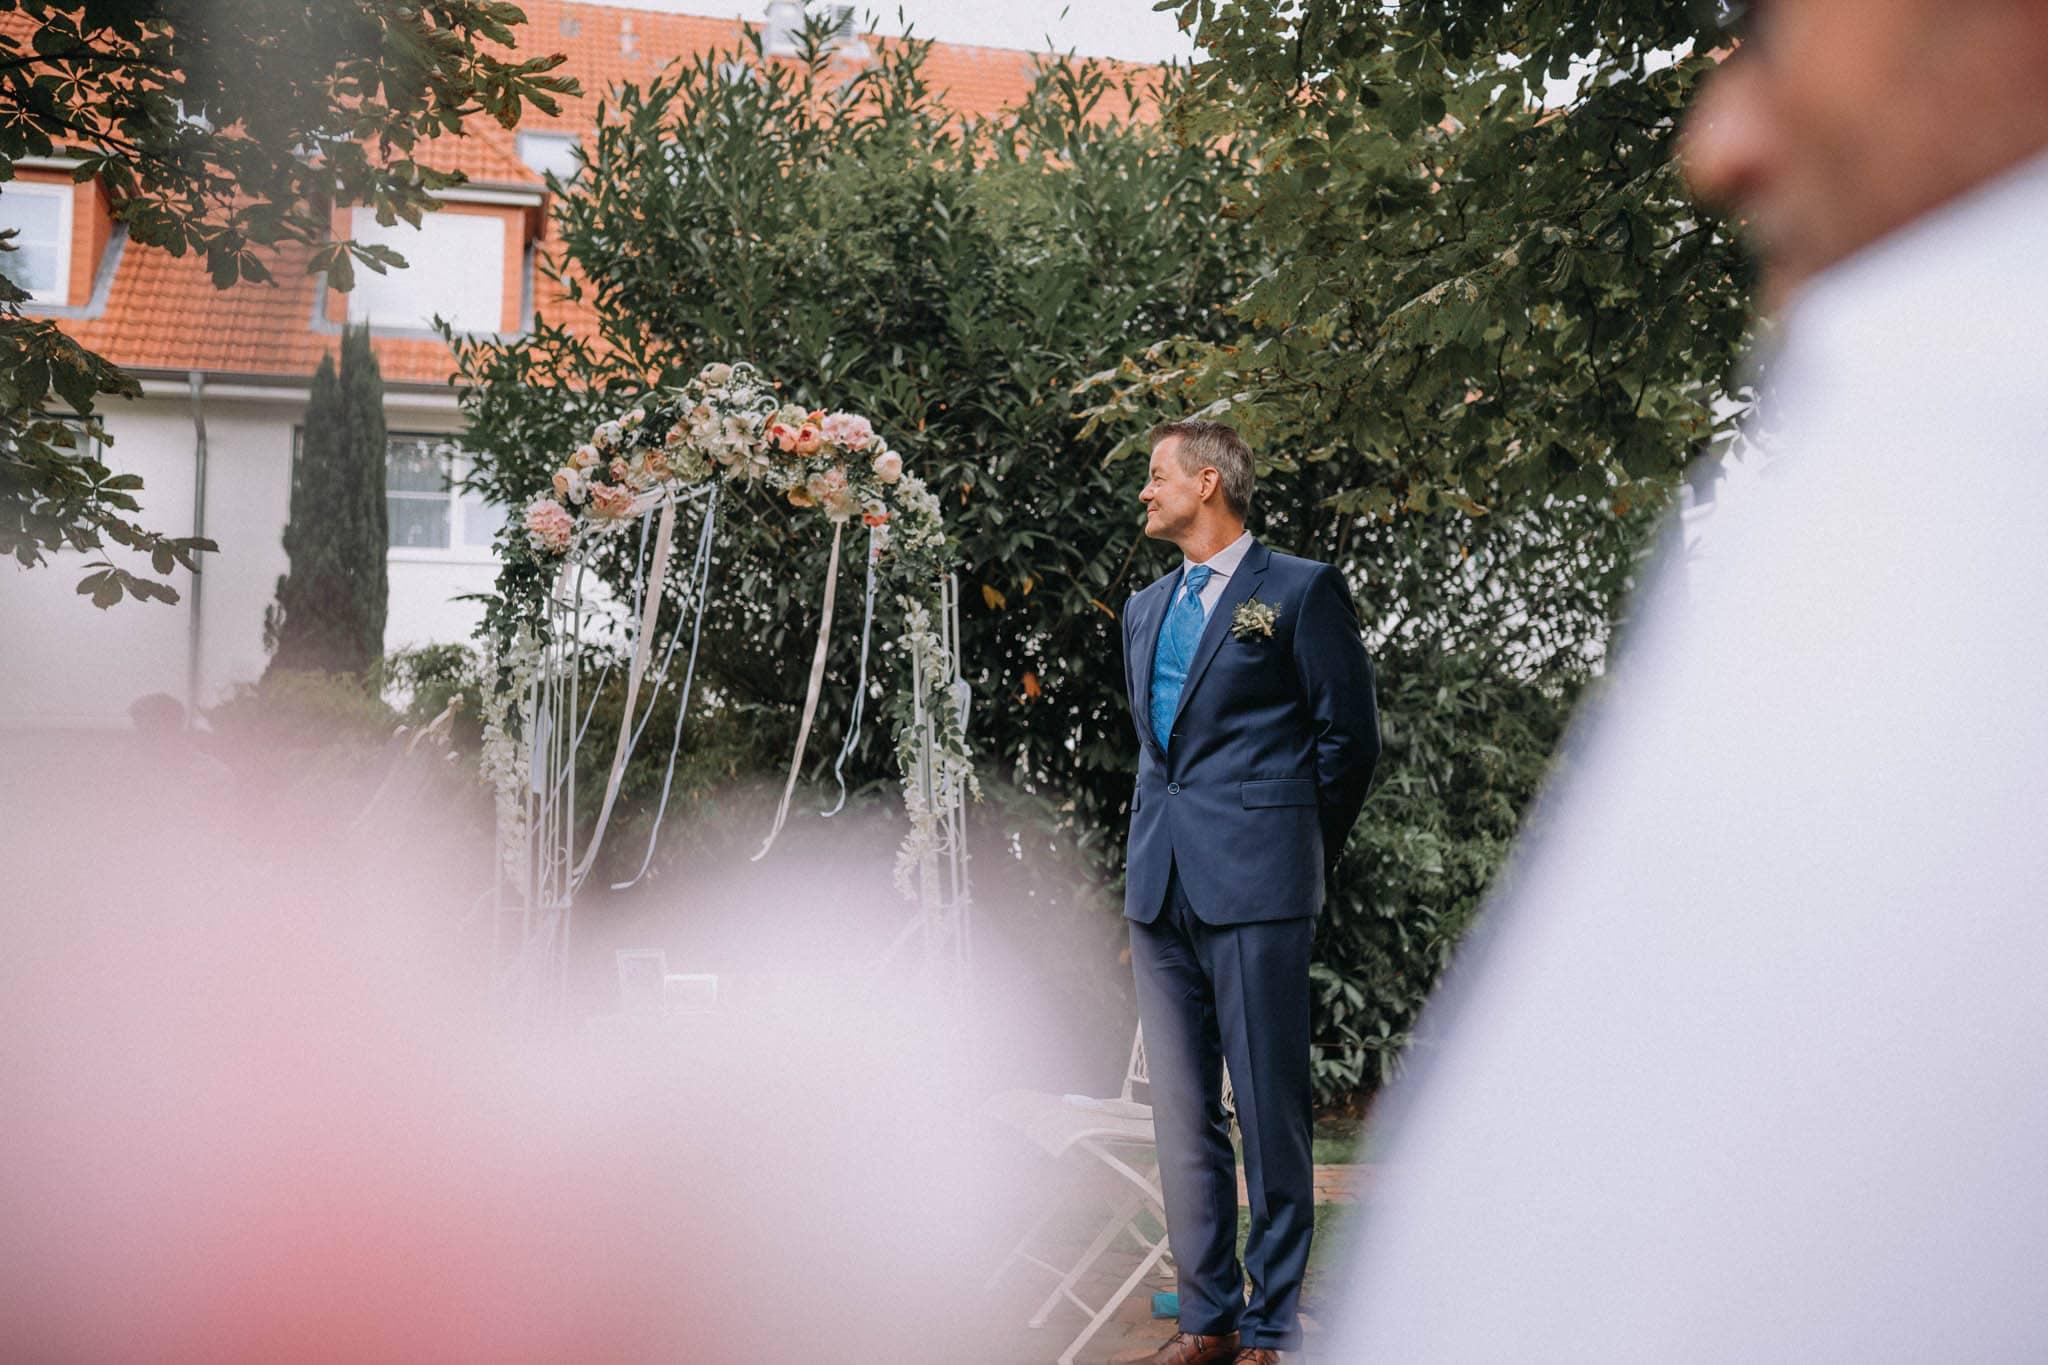 Hochzeitsfieber by Photo-Schomburg, Hochzeitsfotograf, Hamburg,Hochzeitstag, Hochzeitspaar, Braut, Bräutigam, Kaltenkirchen-46